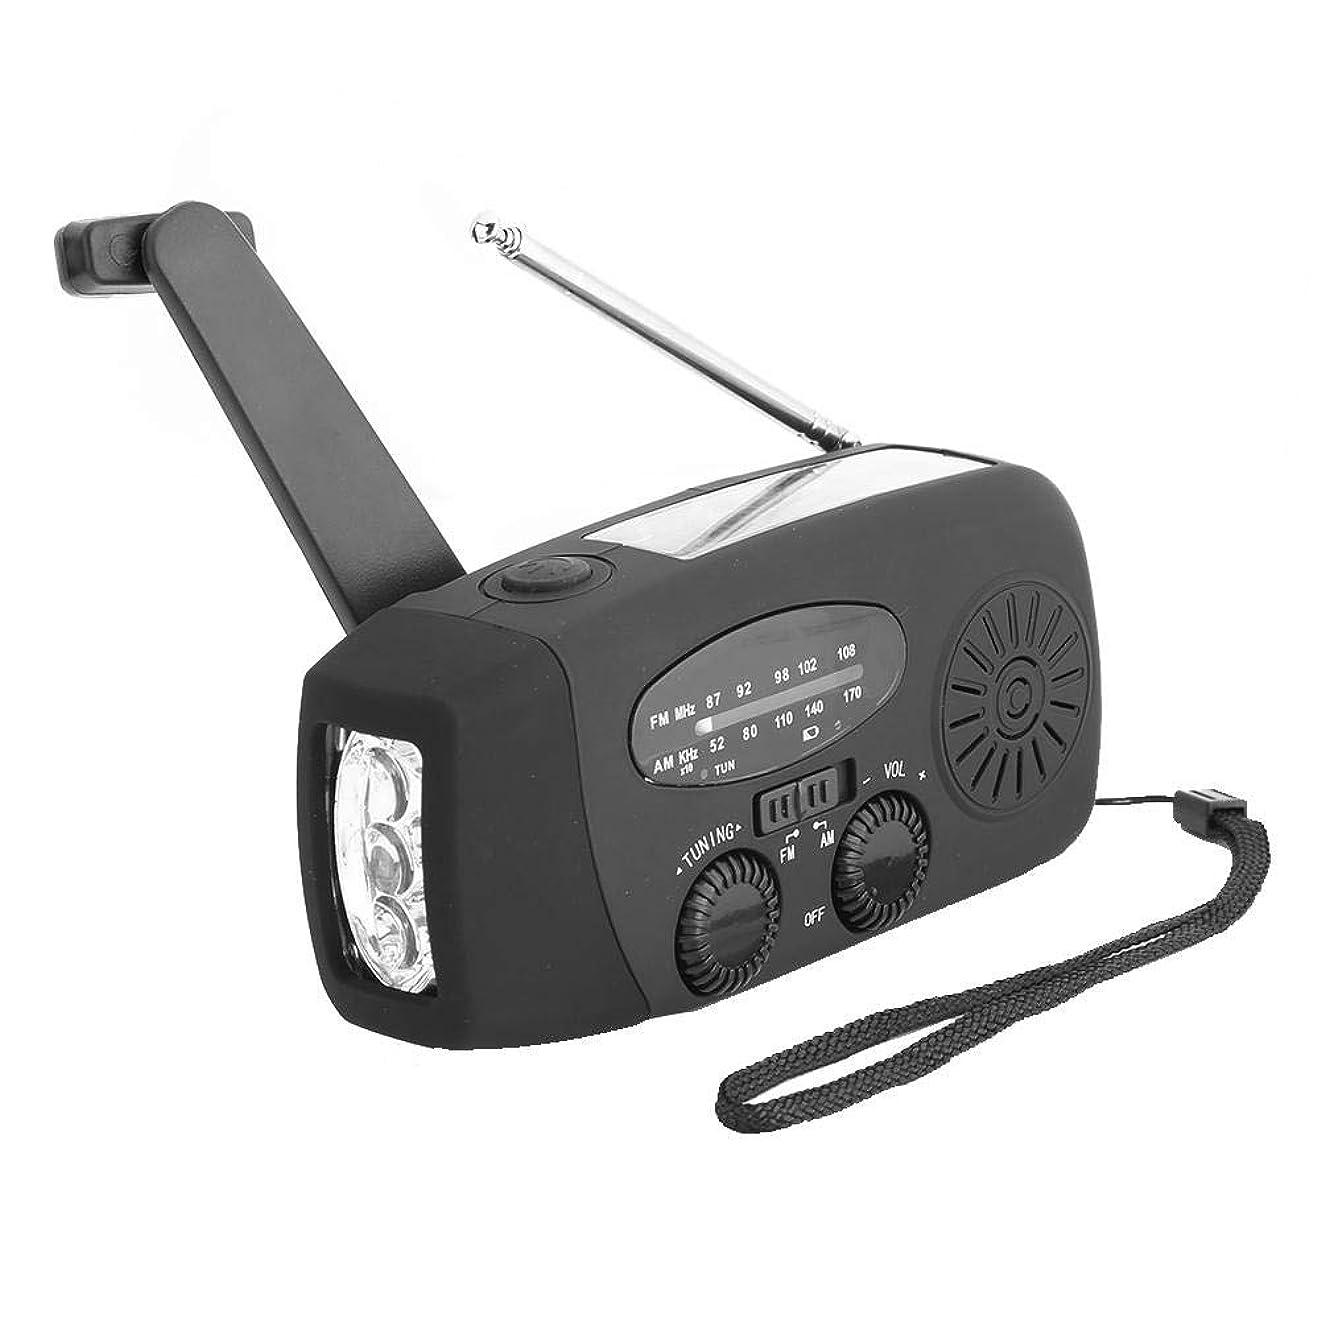 保持銛差別するAM/FMソーラーラジオ VBESTLIFE ソーラー緊急充電機能 高耐久 軽量 ポータブルラジオ(ブラック)